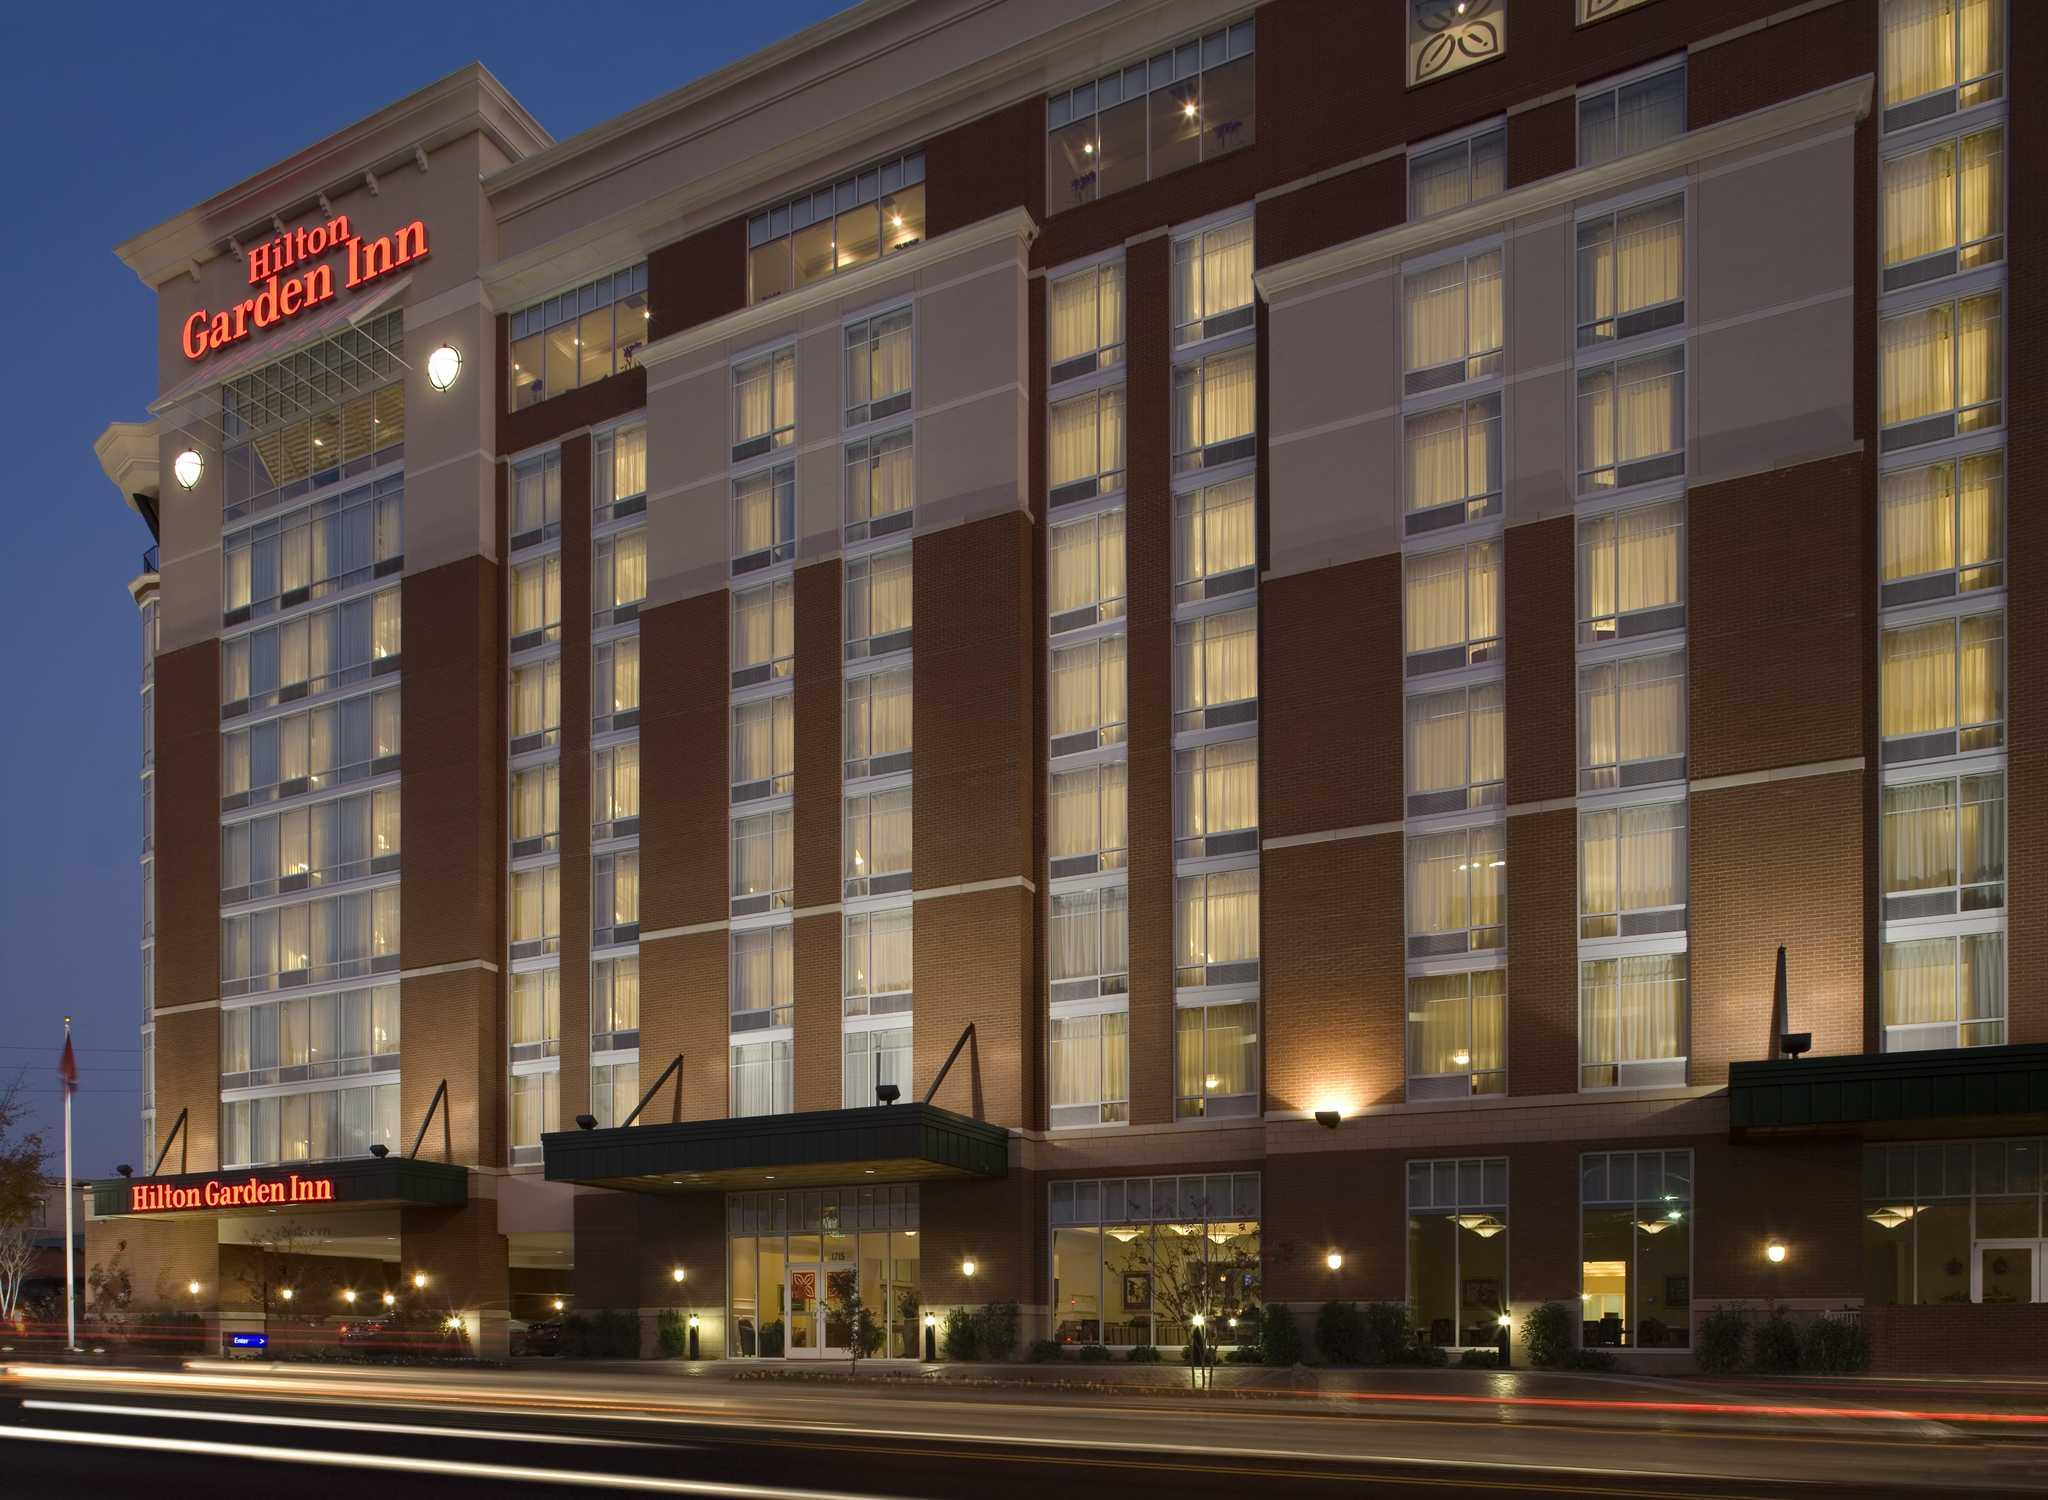 Hoteller I Usa Finn Ditt Hotell Her Hilton Hotel